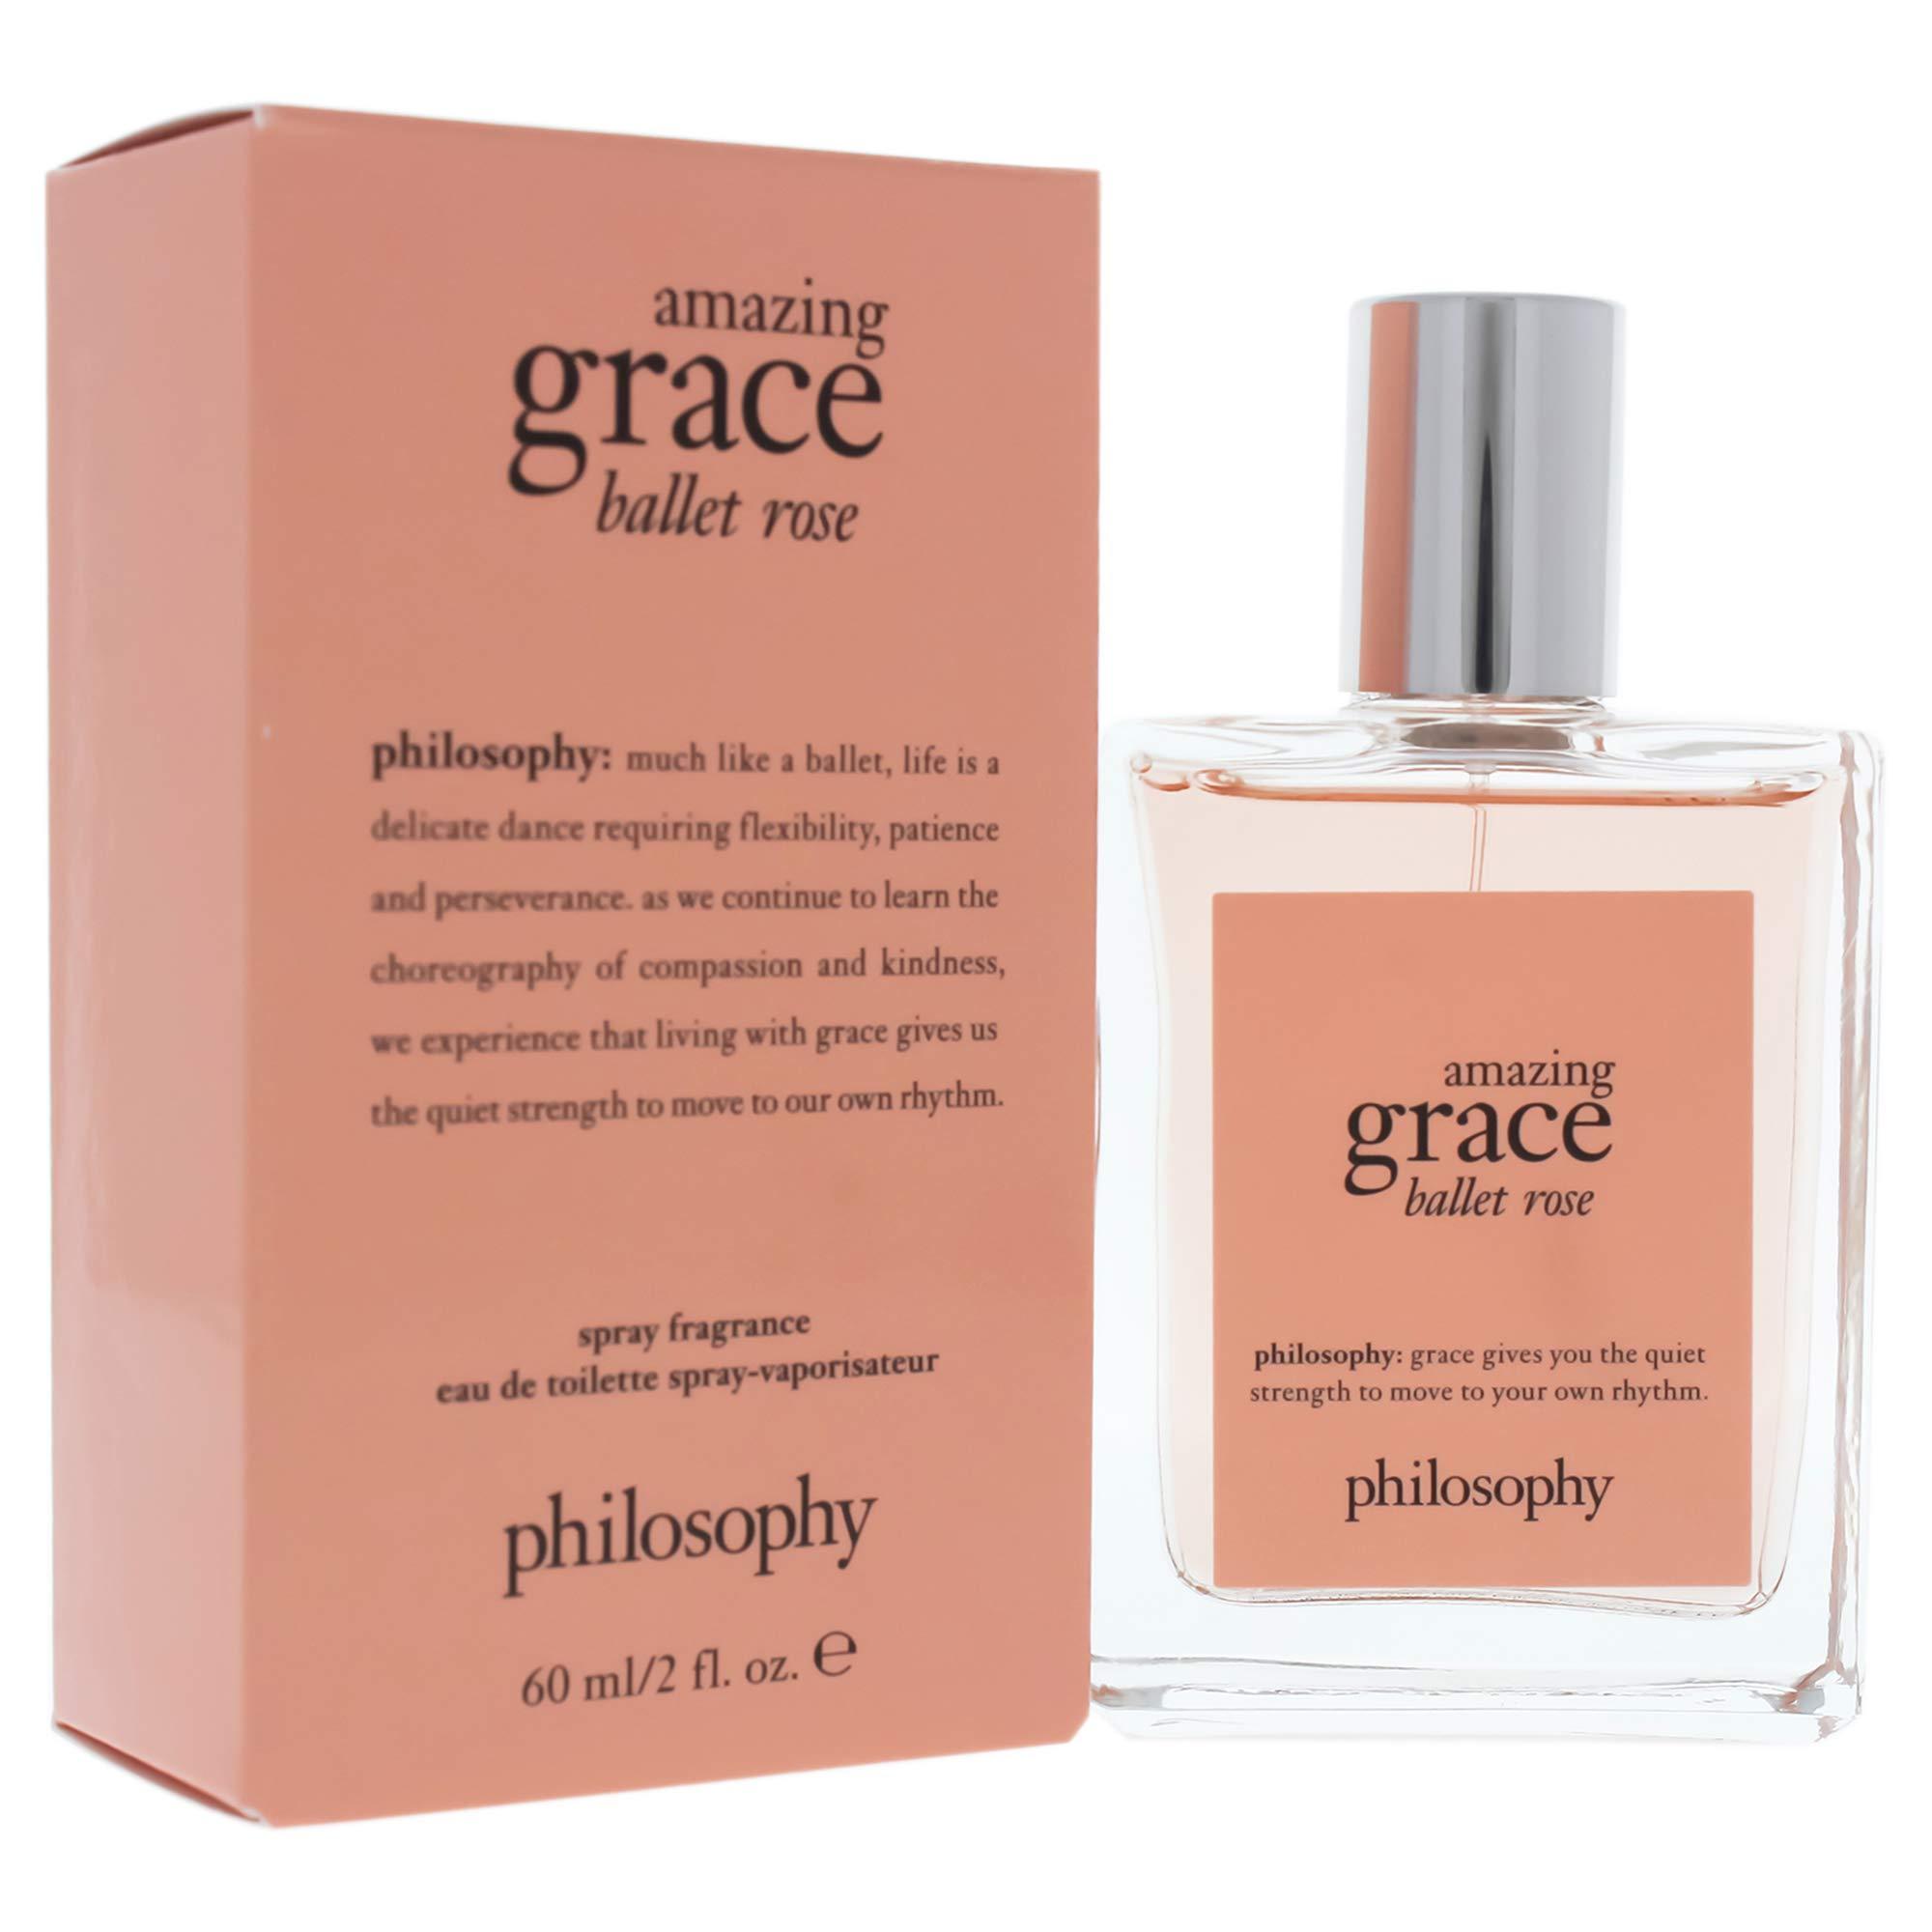 Amazing Grace Ballet Rose Eau de Toilette, 2 Fl Oz